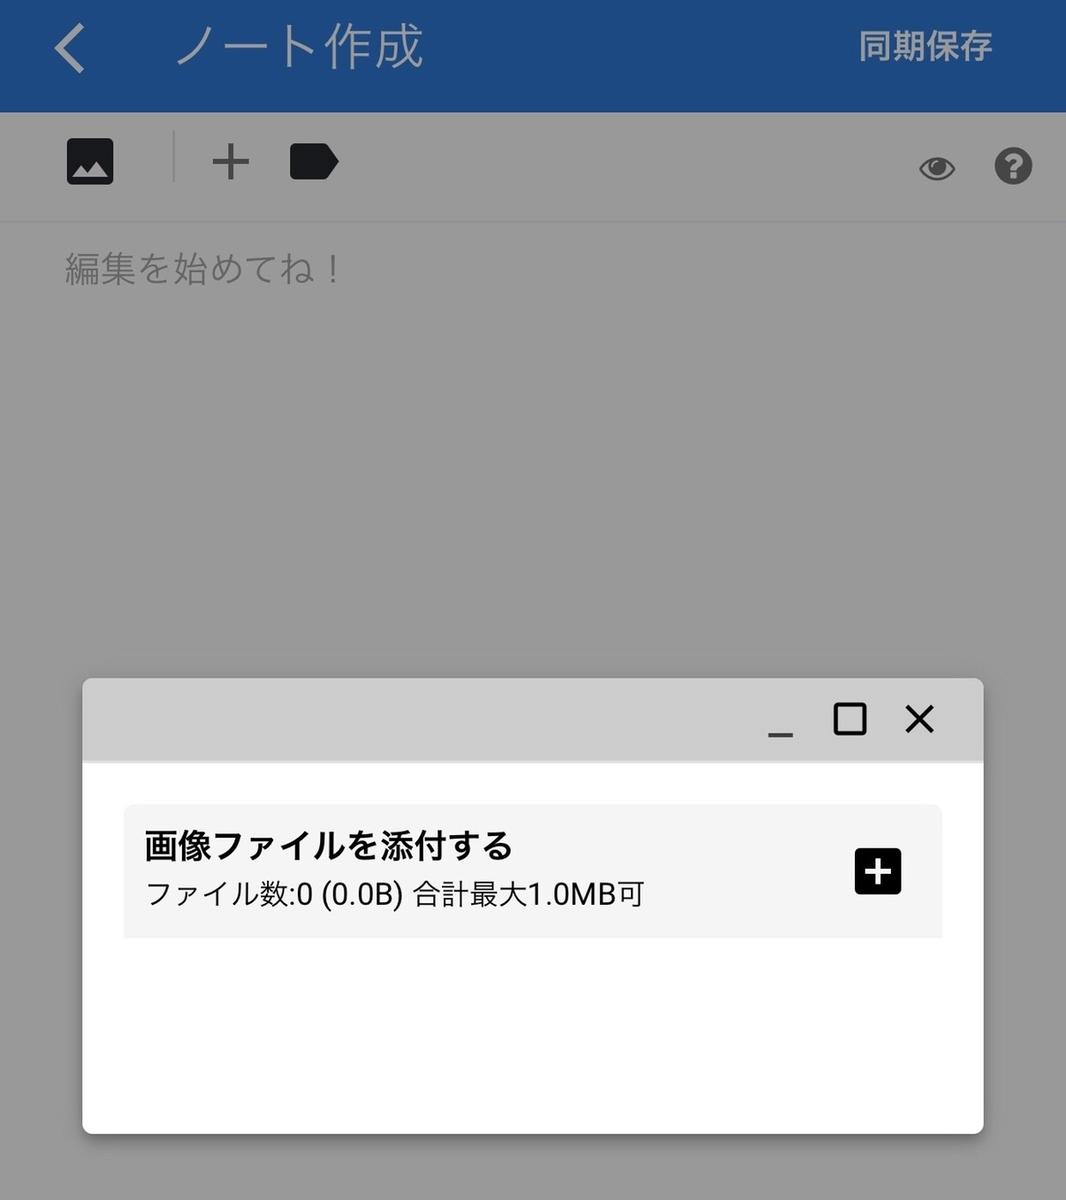 f:id:BitcoinSV:20201205165308j:plain